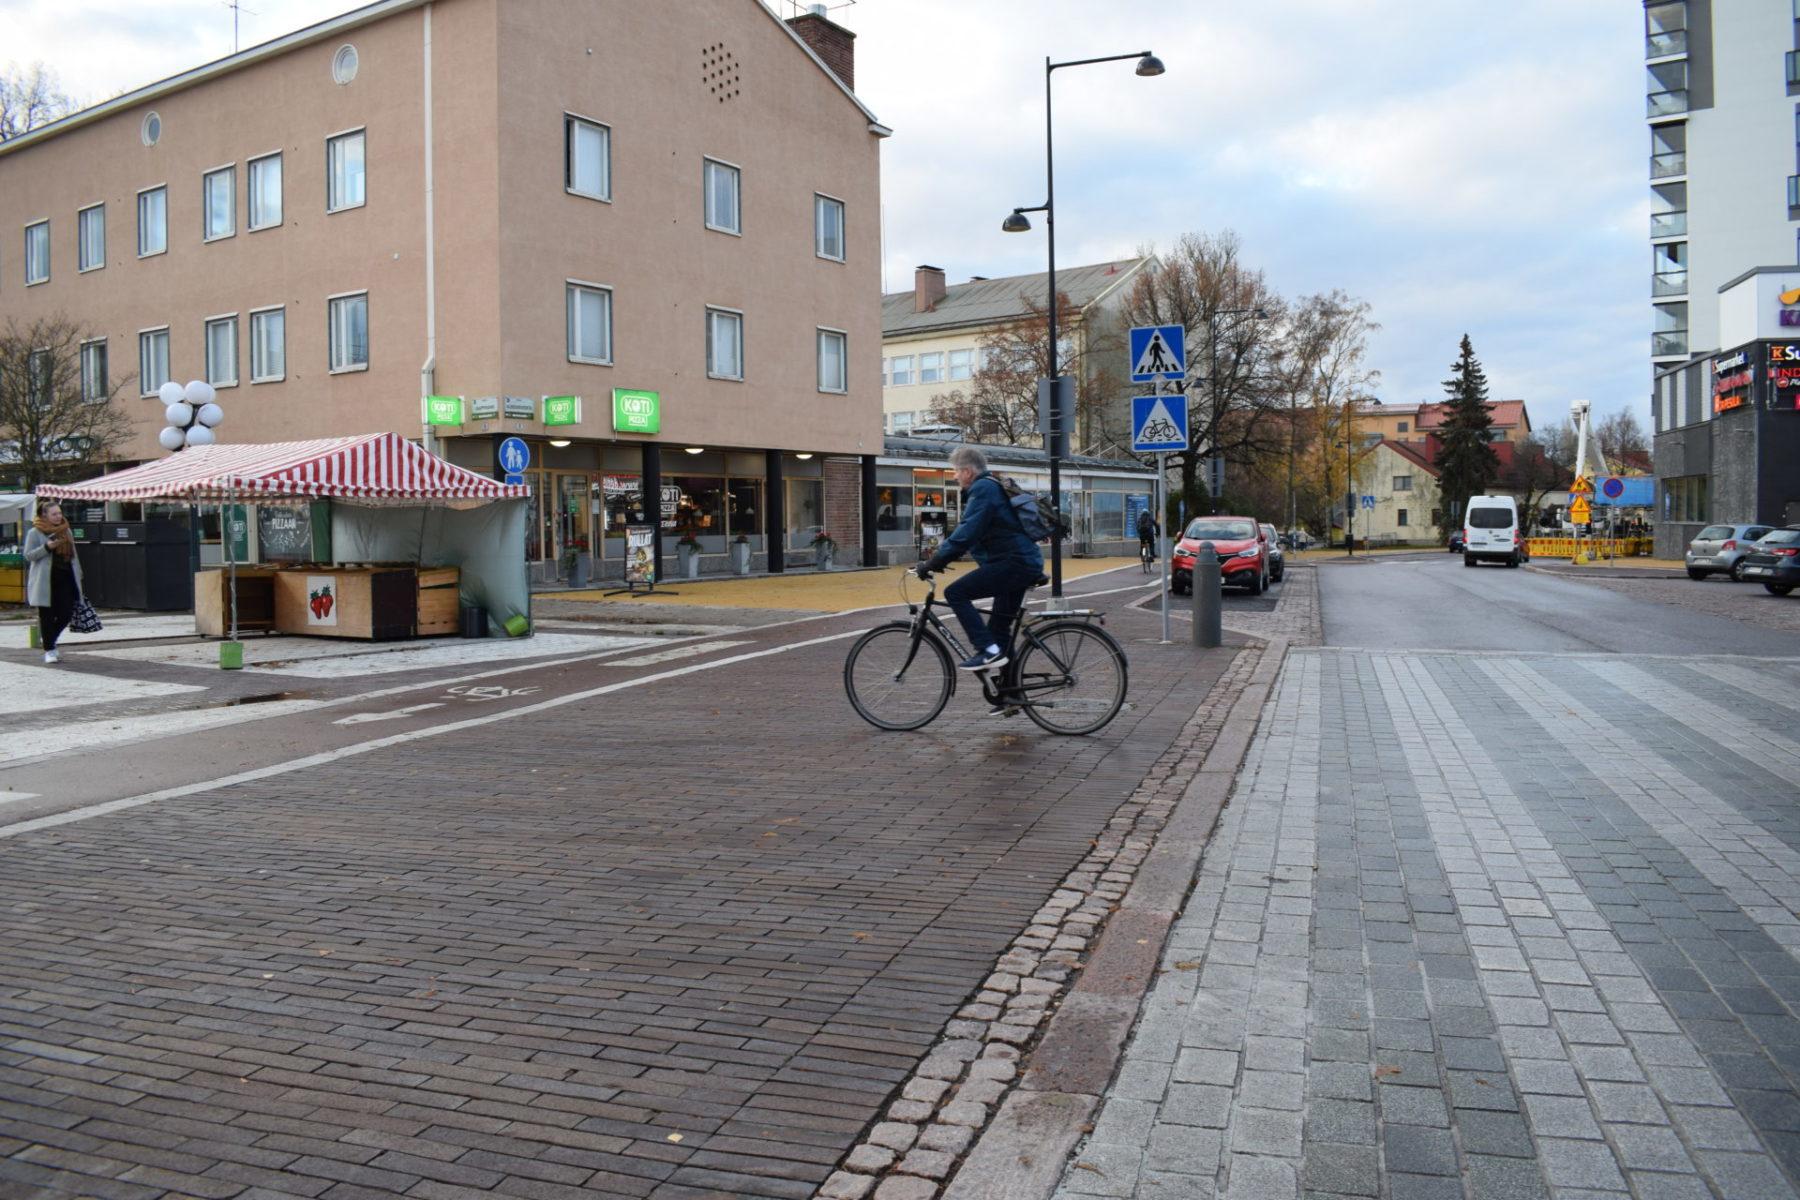 Gotland-maatiili ei ole märkänäkään liukas